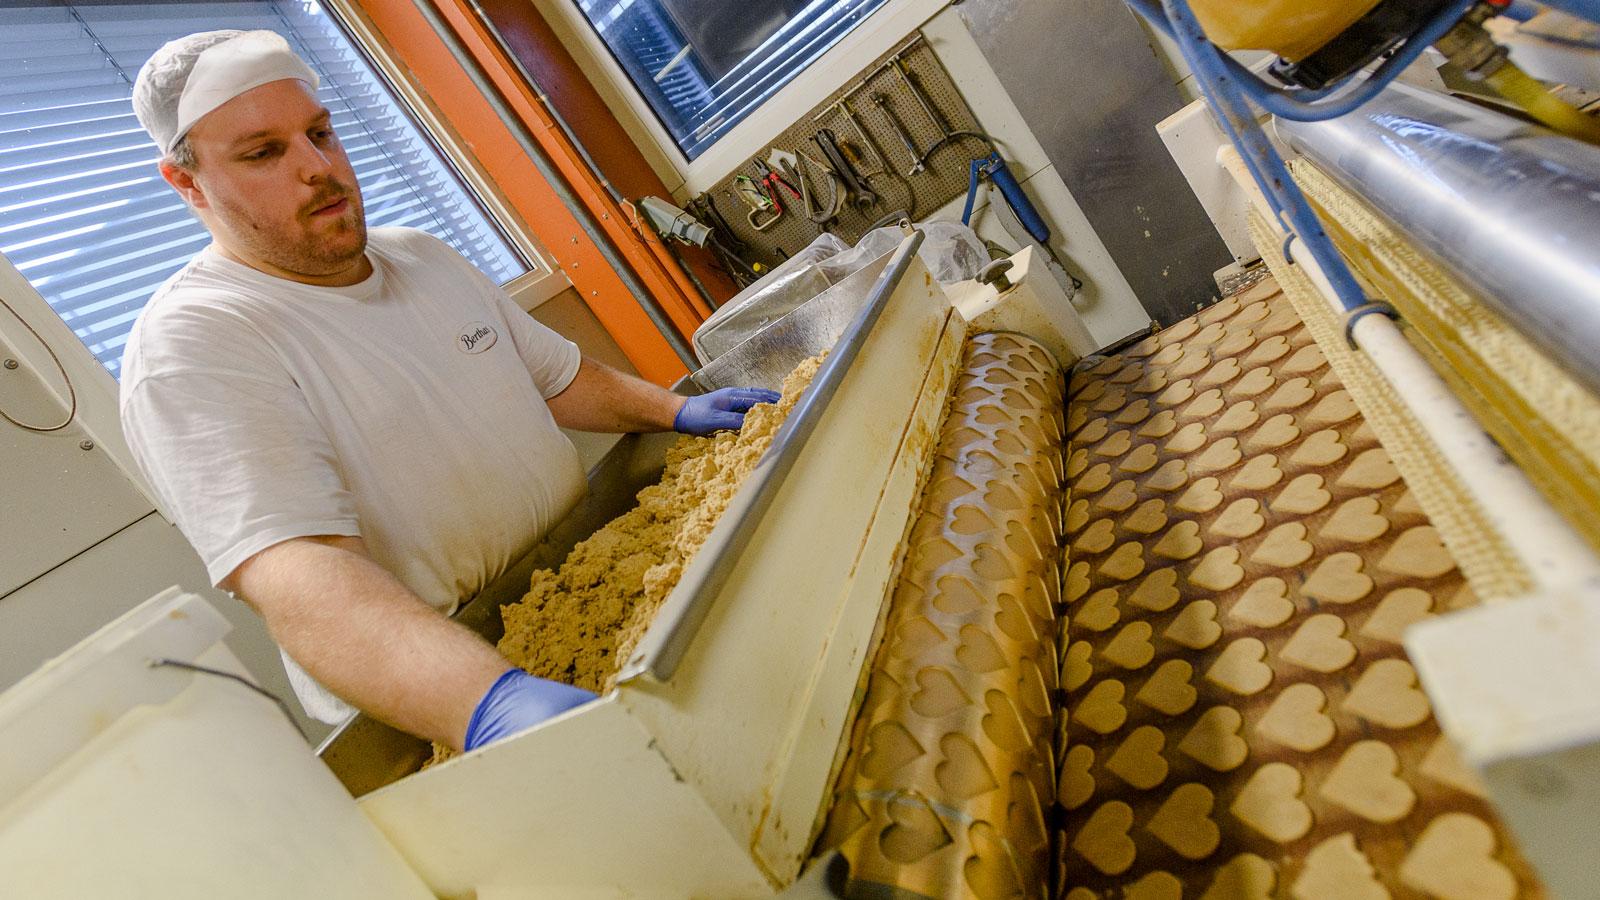 Gjennom noen hektiske høstmåneder produserer Berthas i Fall 1,4 millioner bokser med pepperkaker og andre småkaker, i tillegg til 800 tonn pepperkakedeig